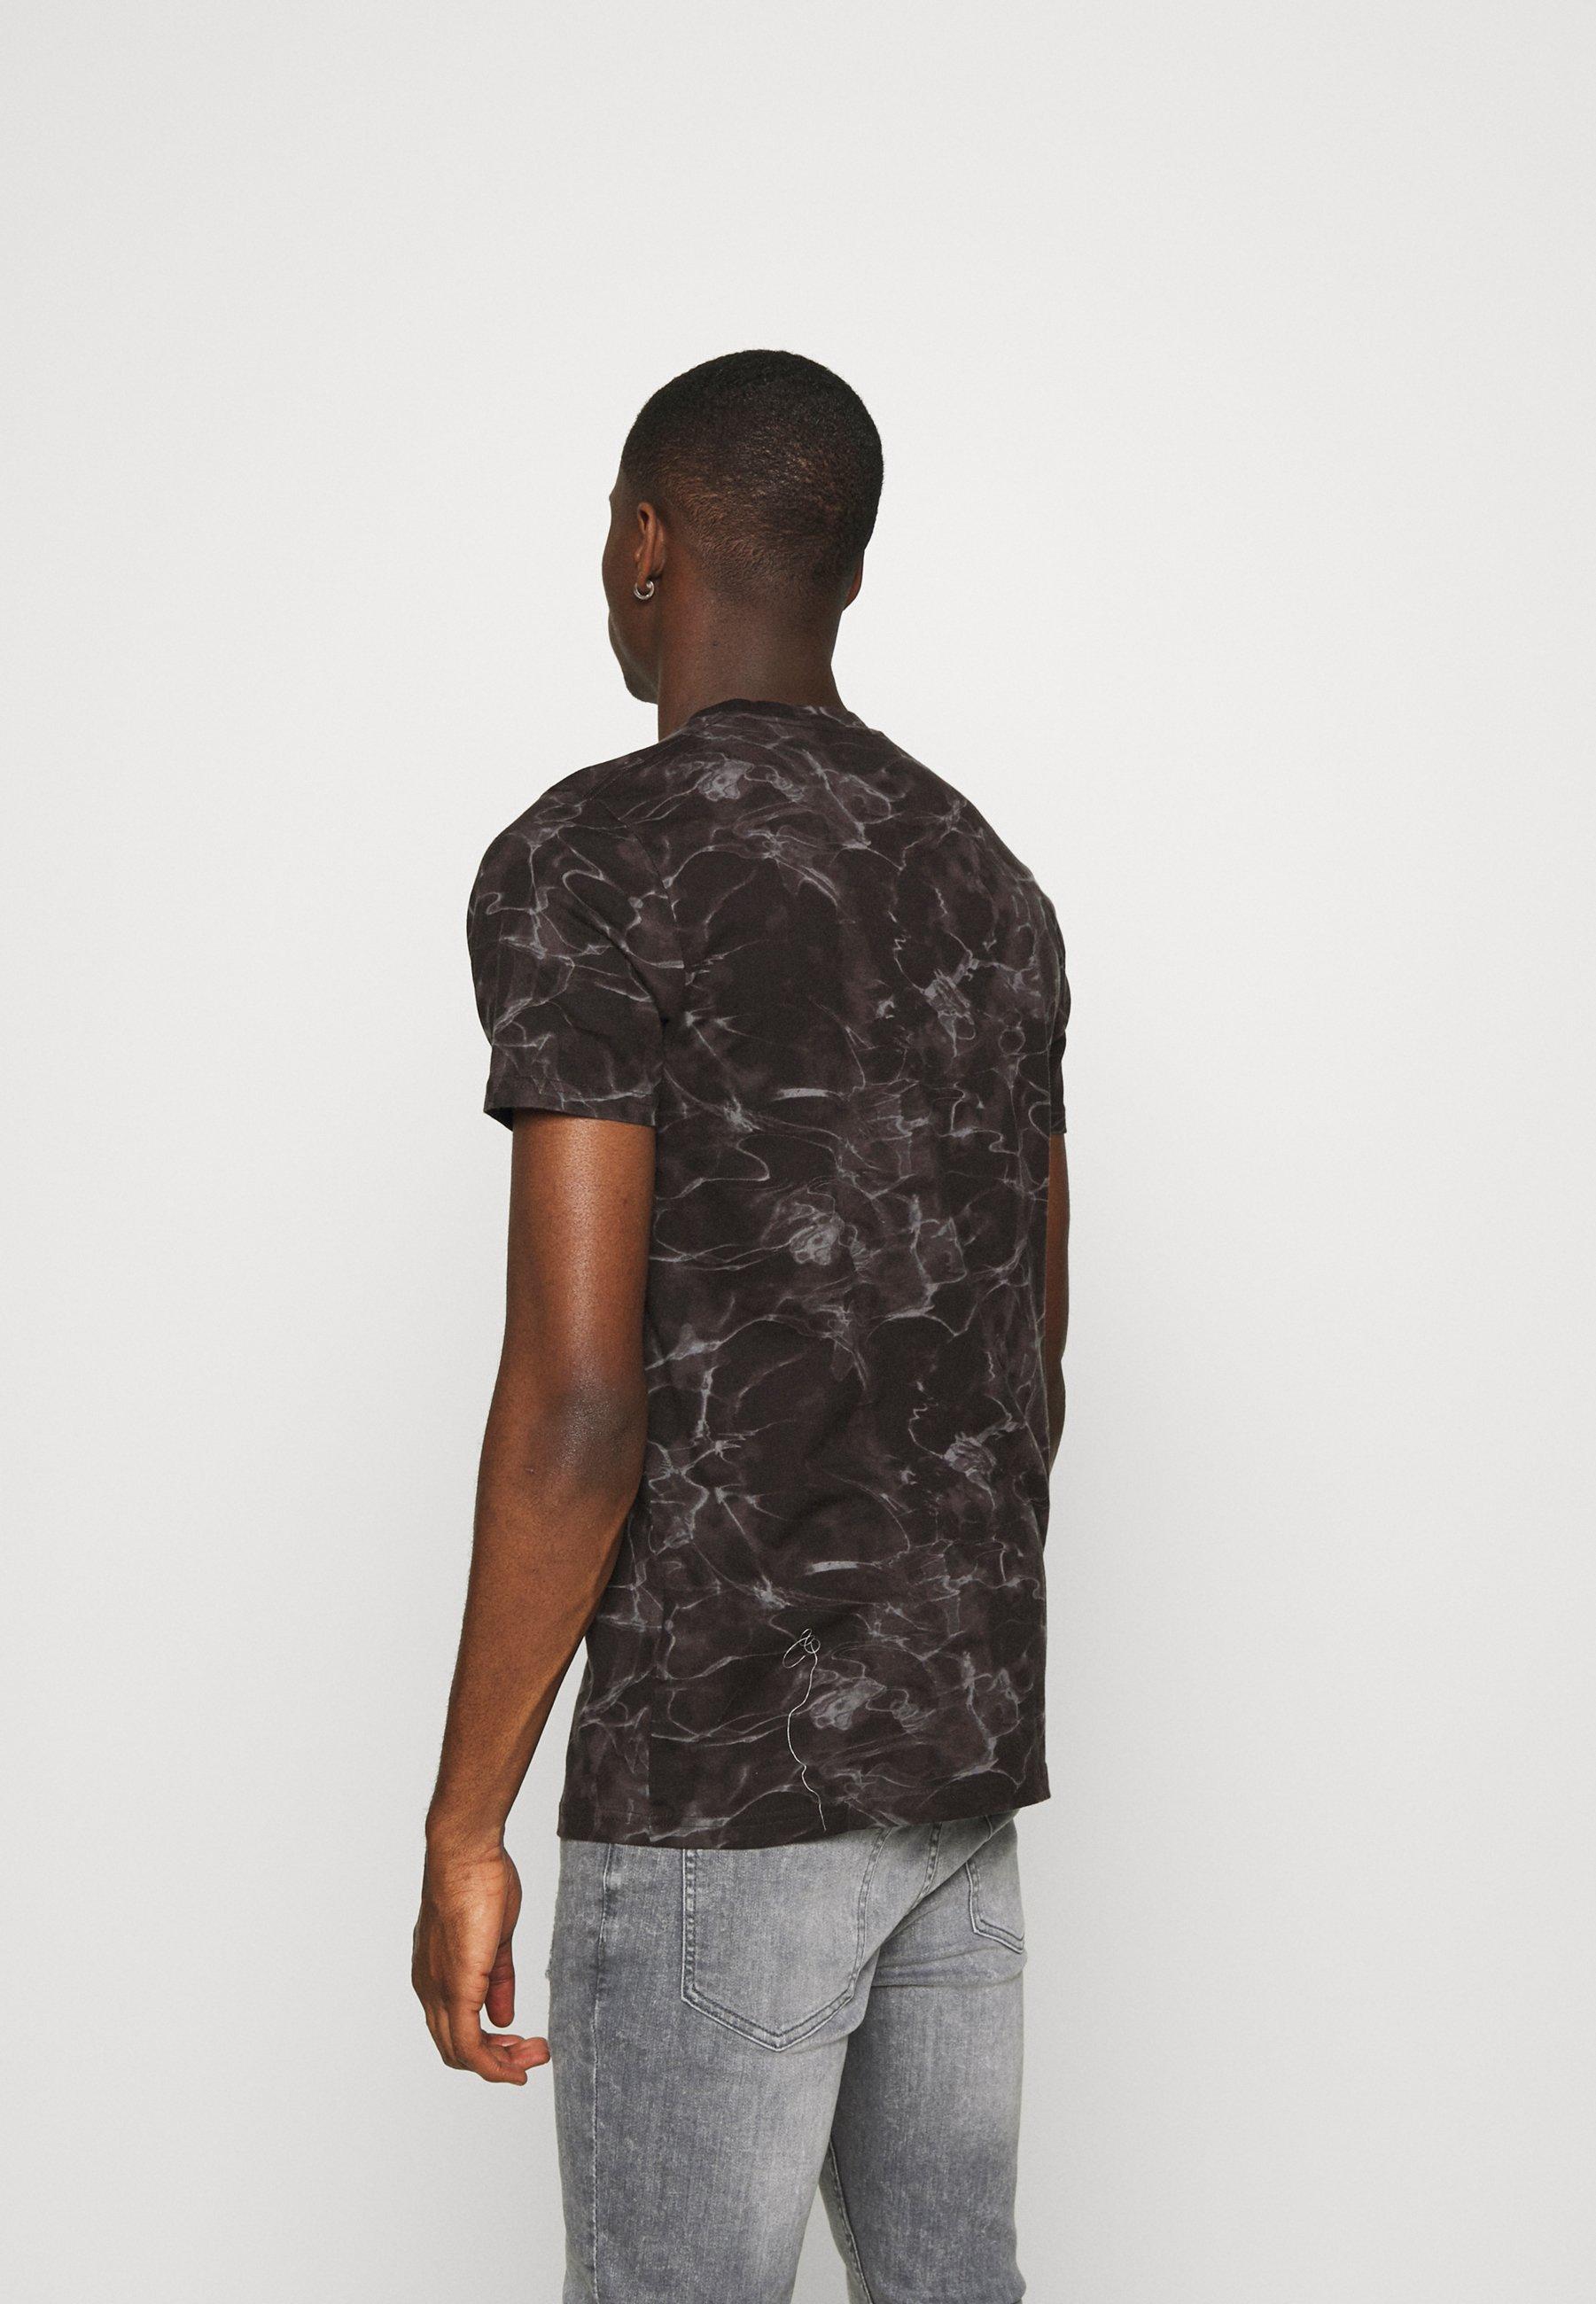 Hollister Co. FLORAL SMALL SCALE T shirt imprimé black